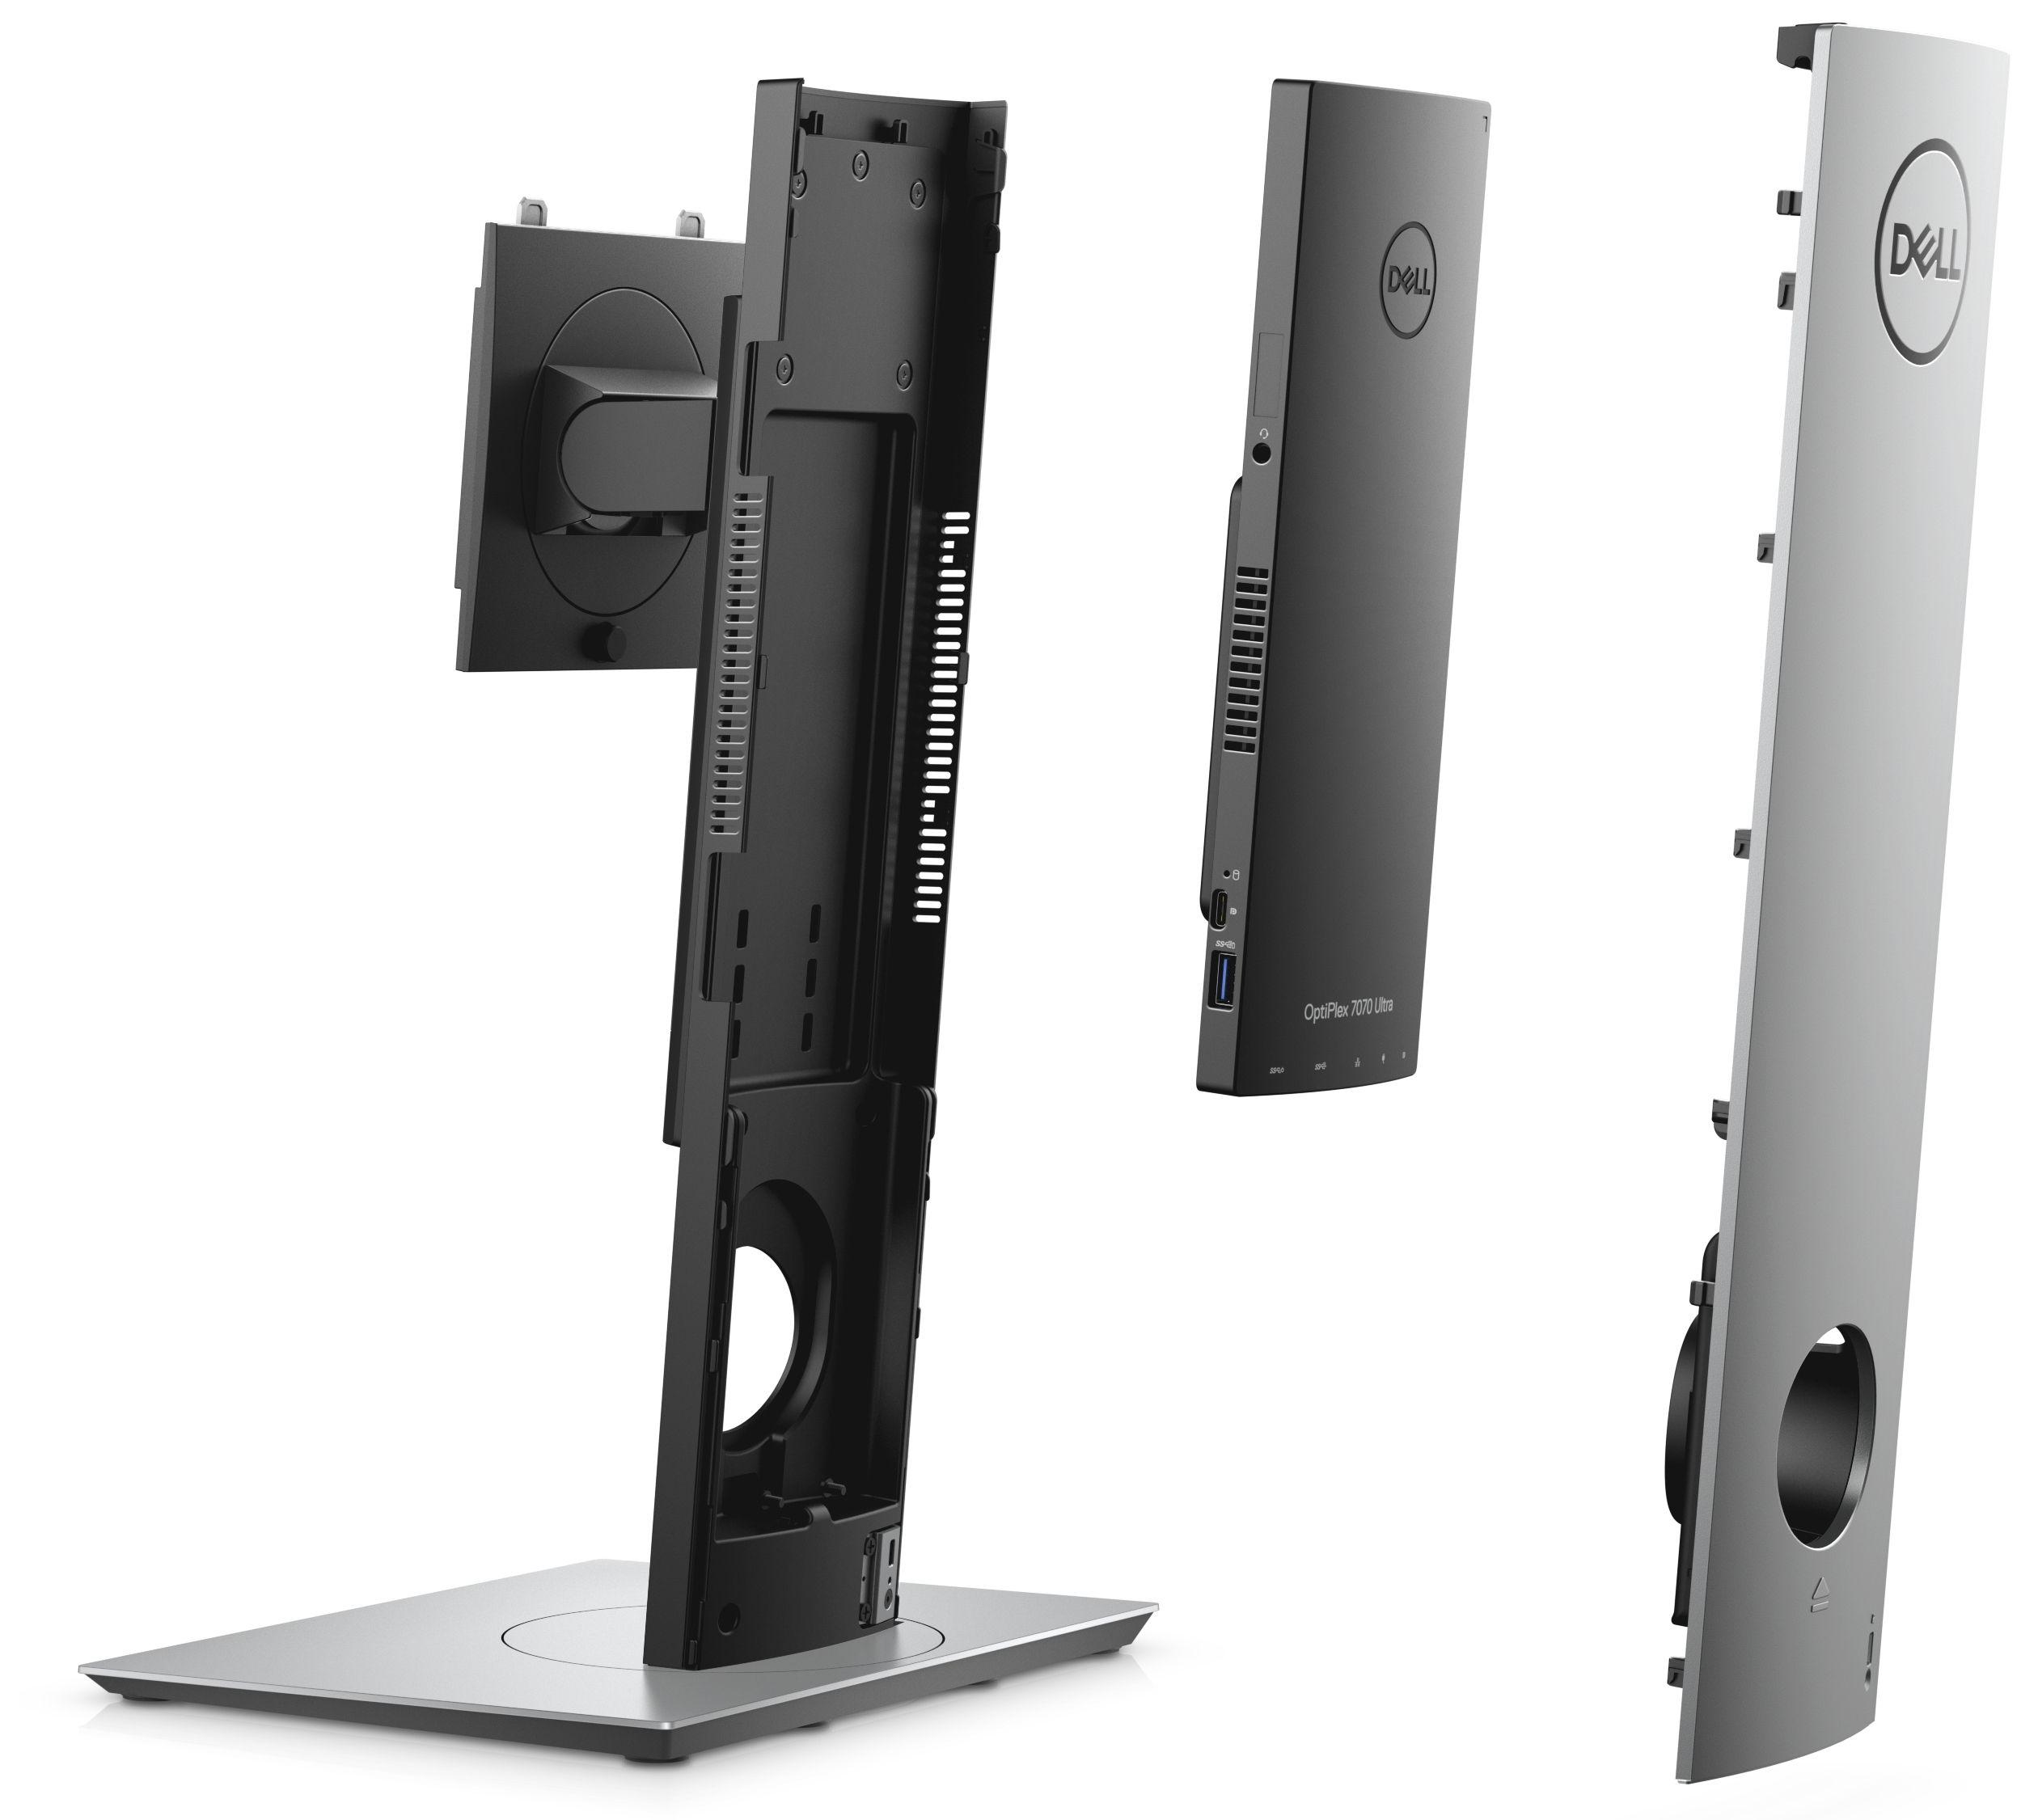 Настолен компютър Dell Optiplex - 7070 UFF, черен - 4